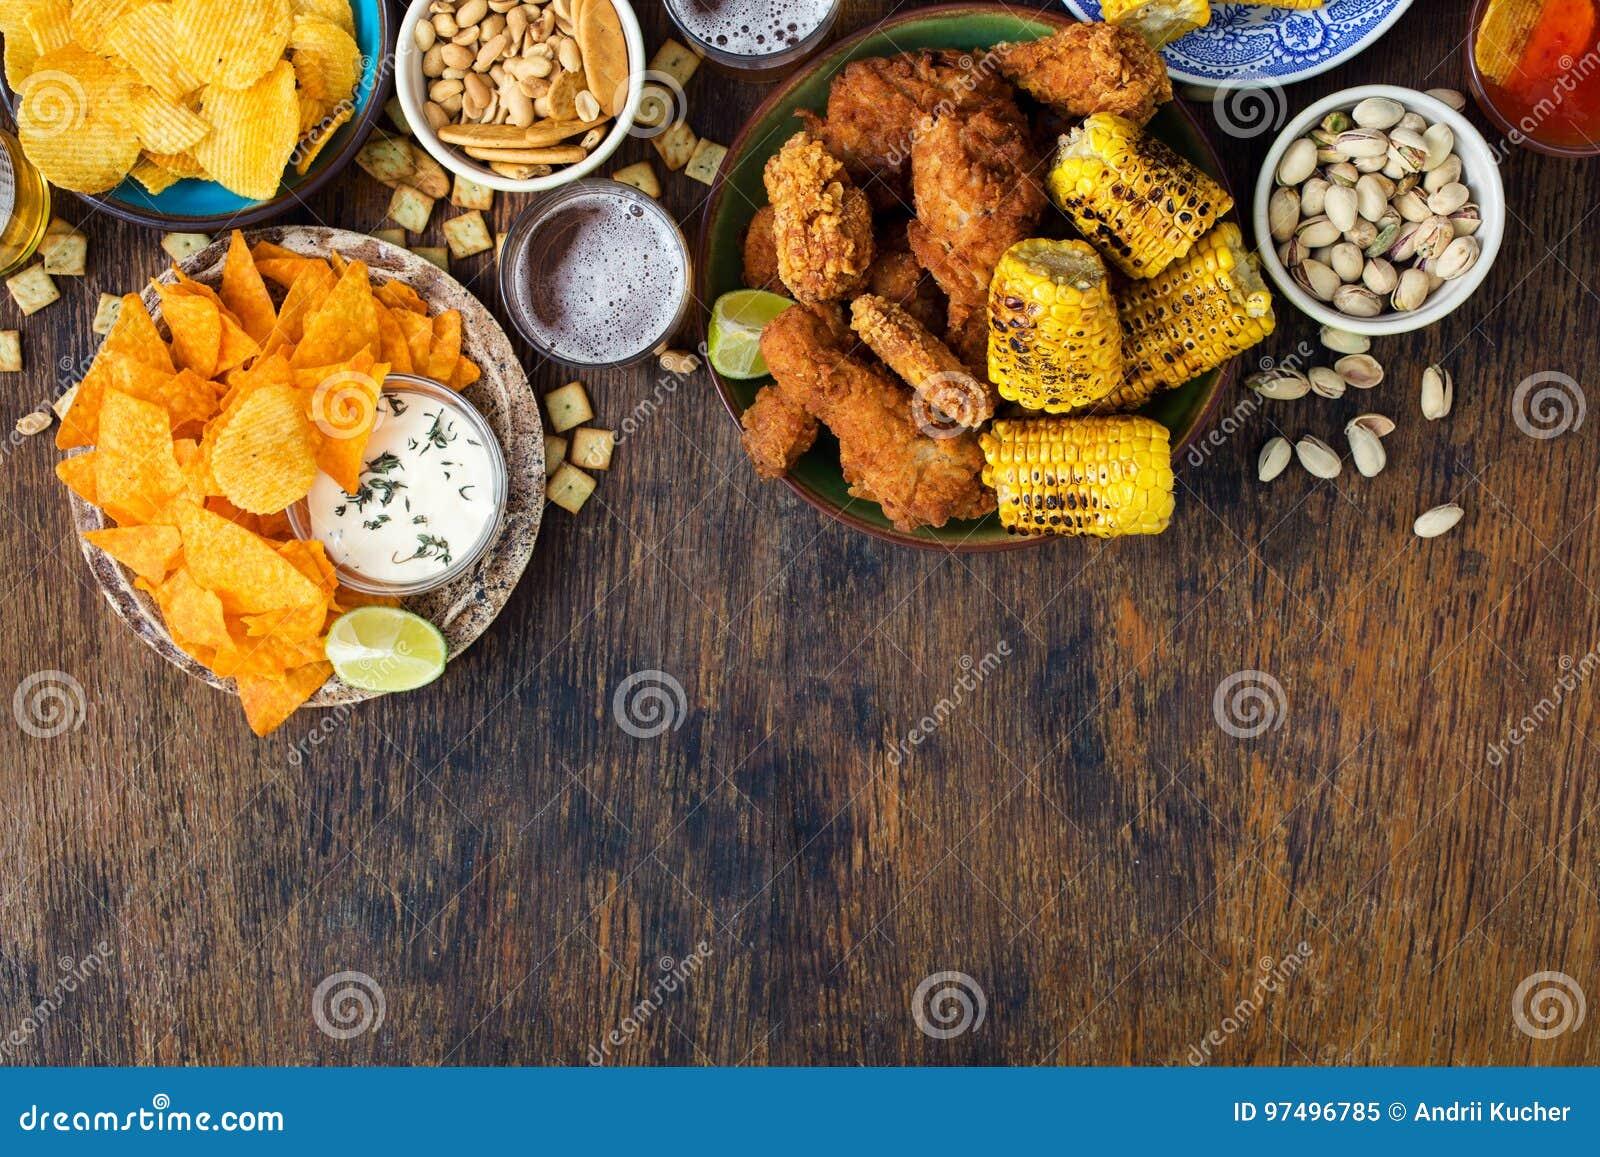 Pollo fritto, birra, salse, patatine fritte, nacho, arachidi, pist